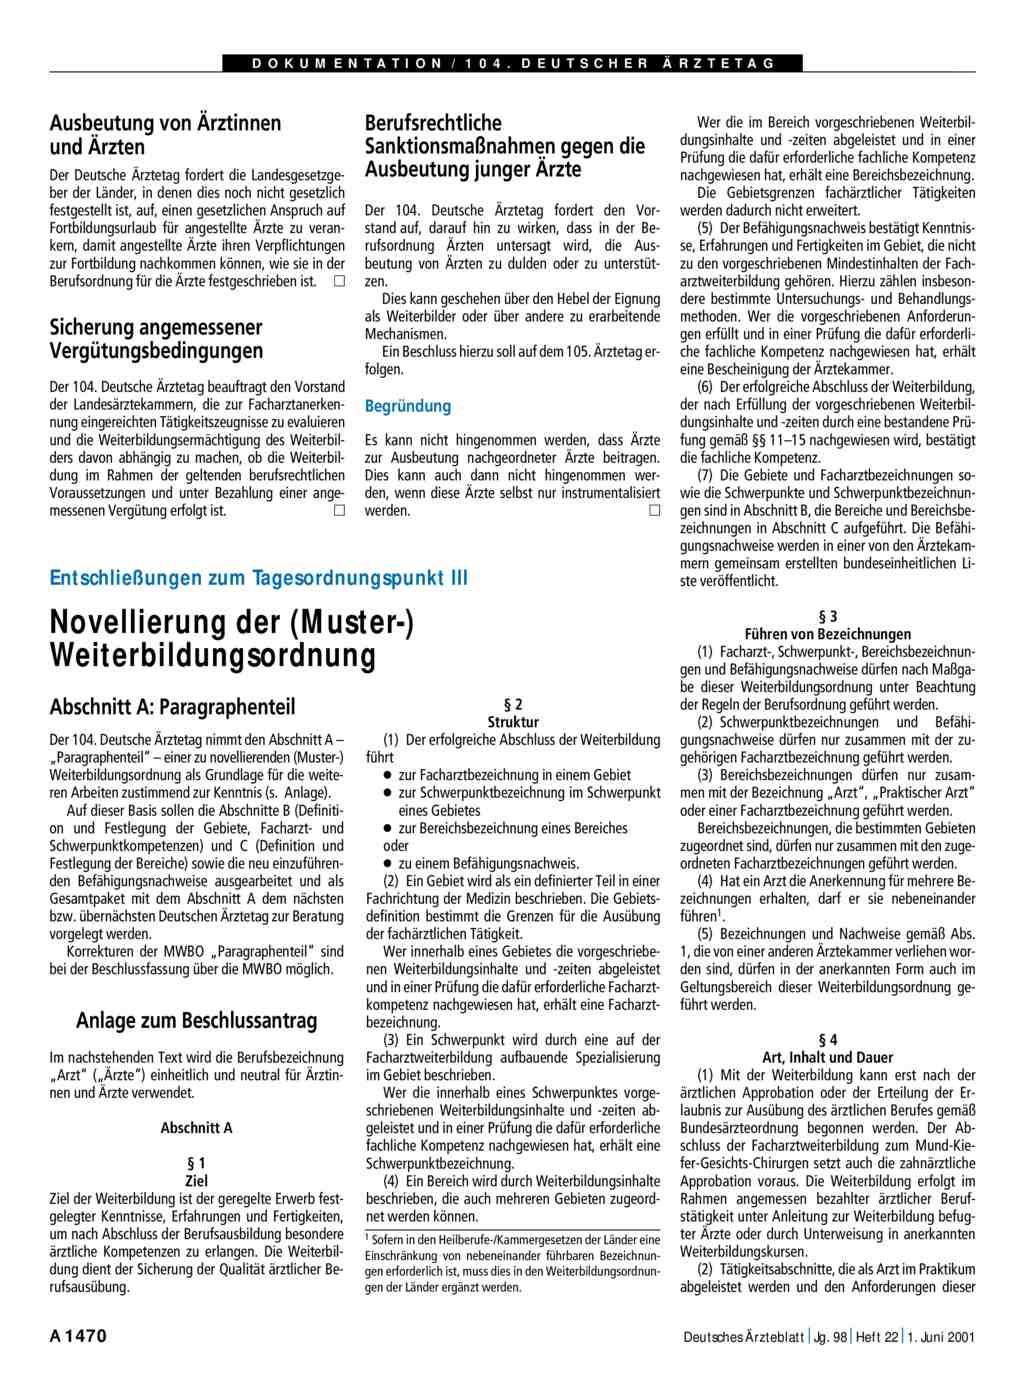 Entschließungen zum Tagesordnungspunkt III: Novellierung der (Muster ...